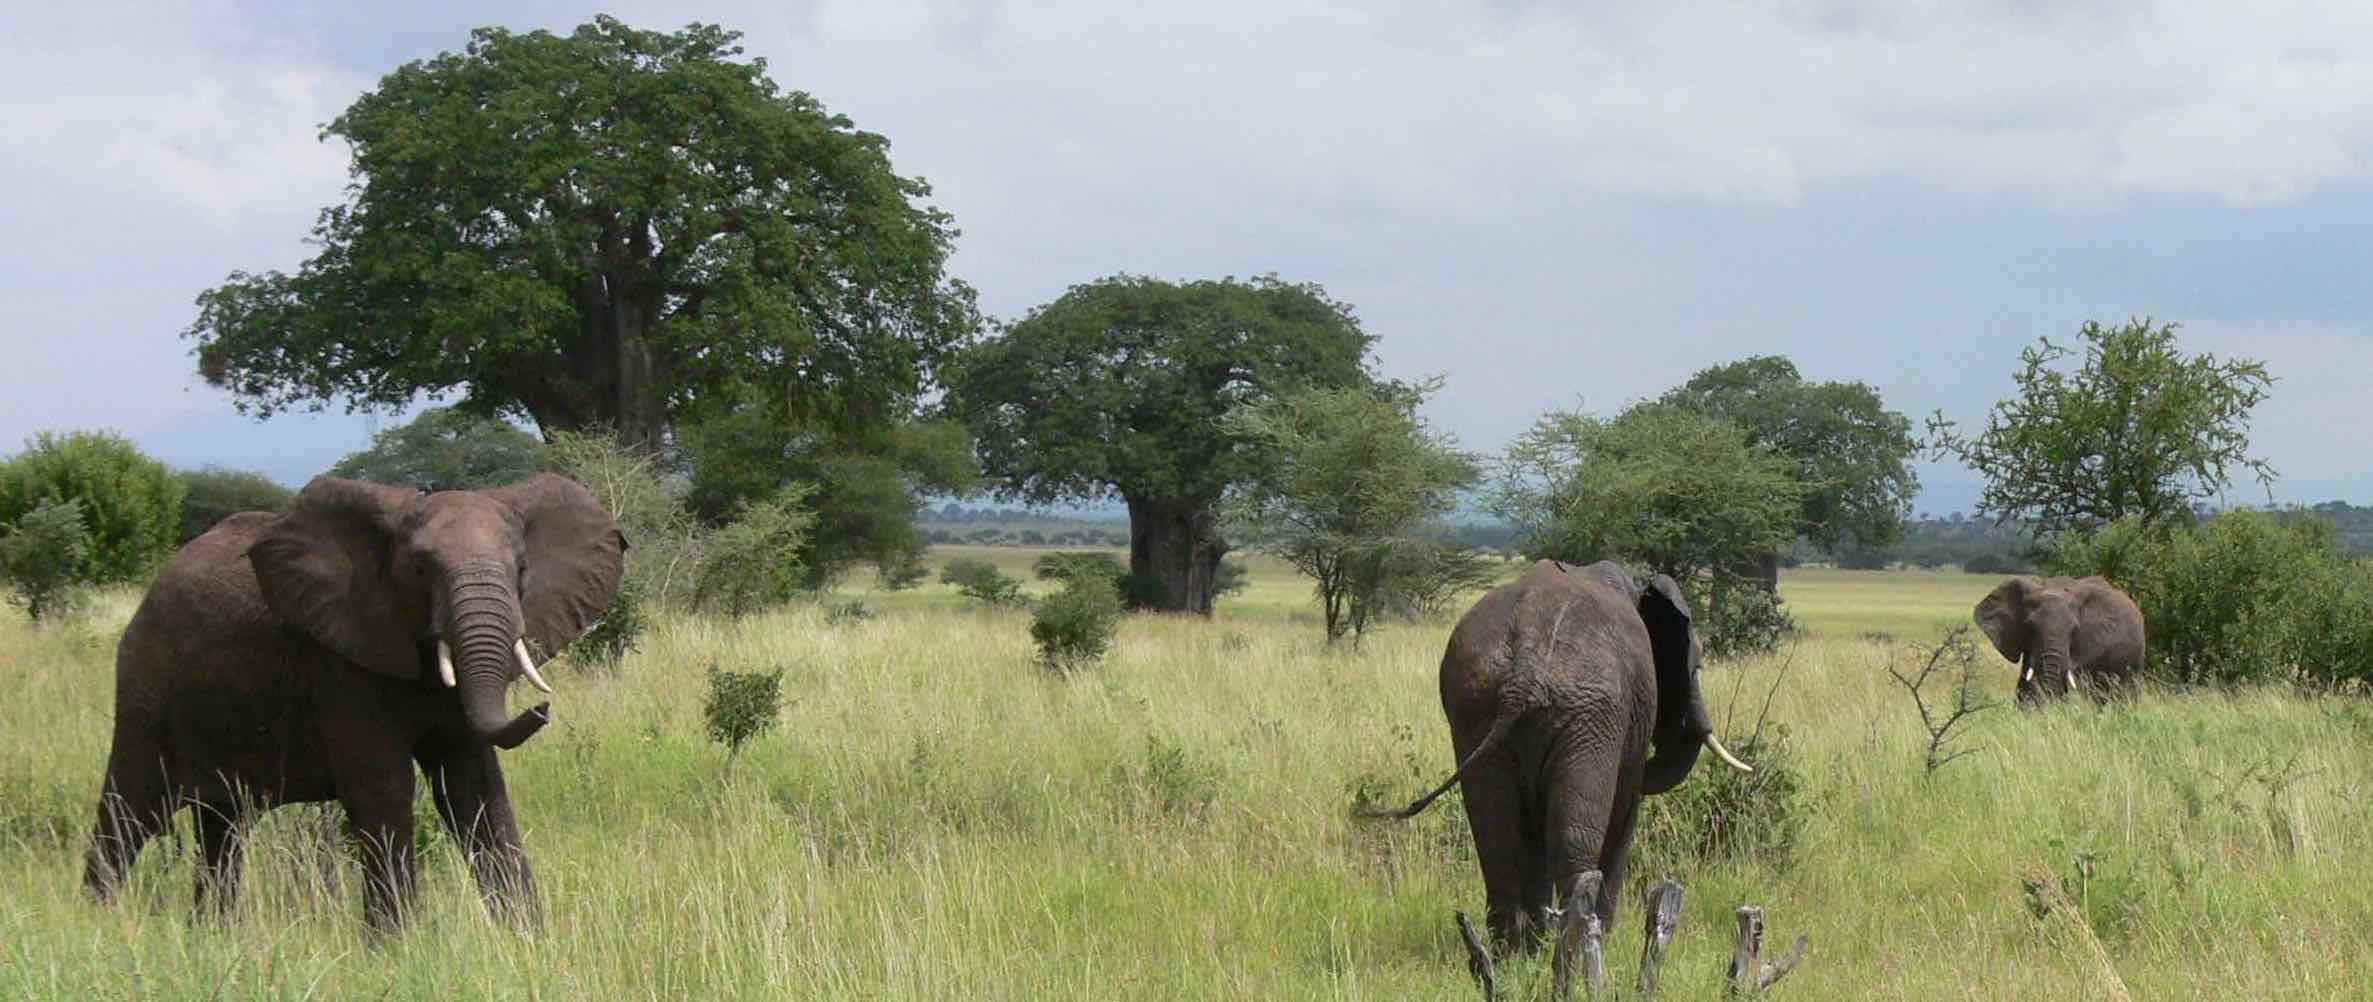 Tarangire, 2'850 Quadratkilometer we it: Letzte Zuflucht für Elefanten |  © Foto RS